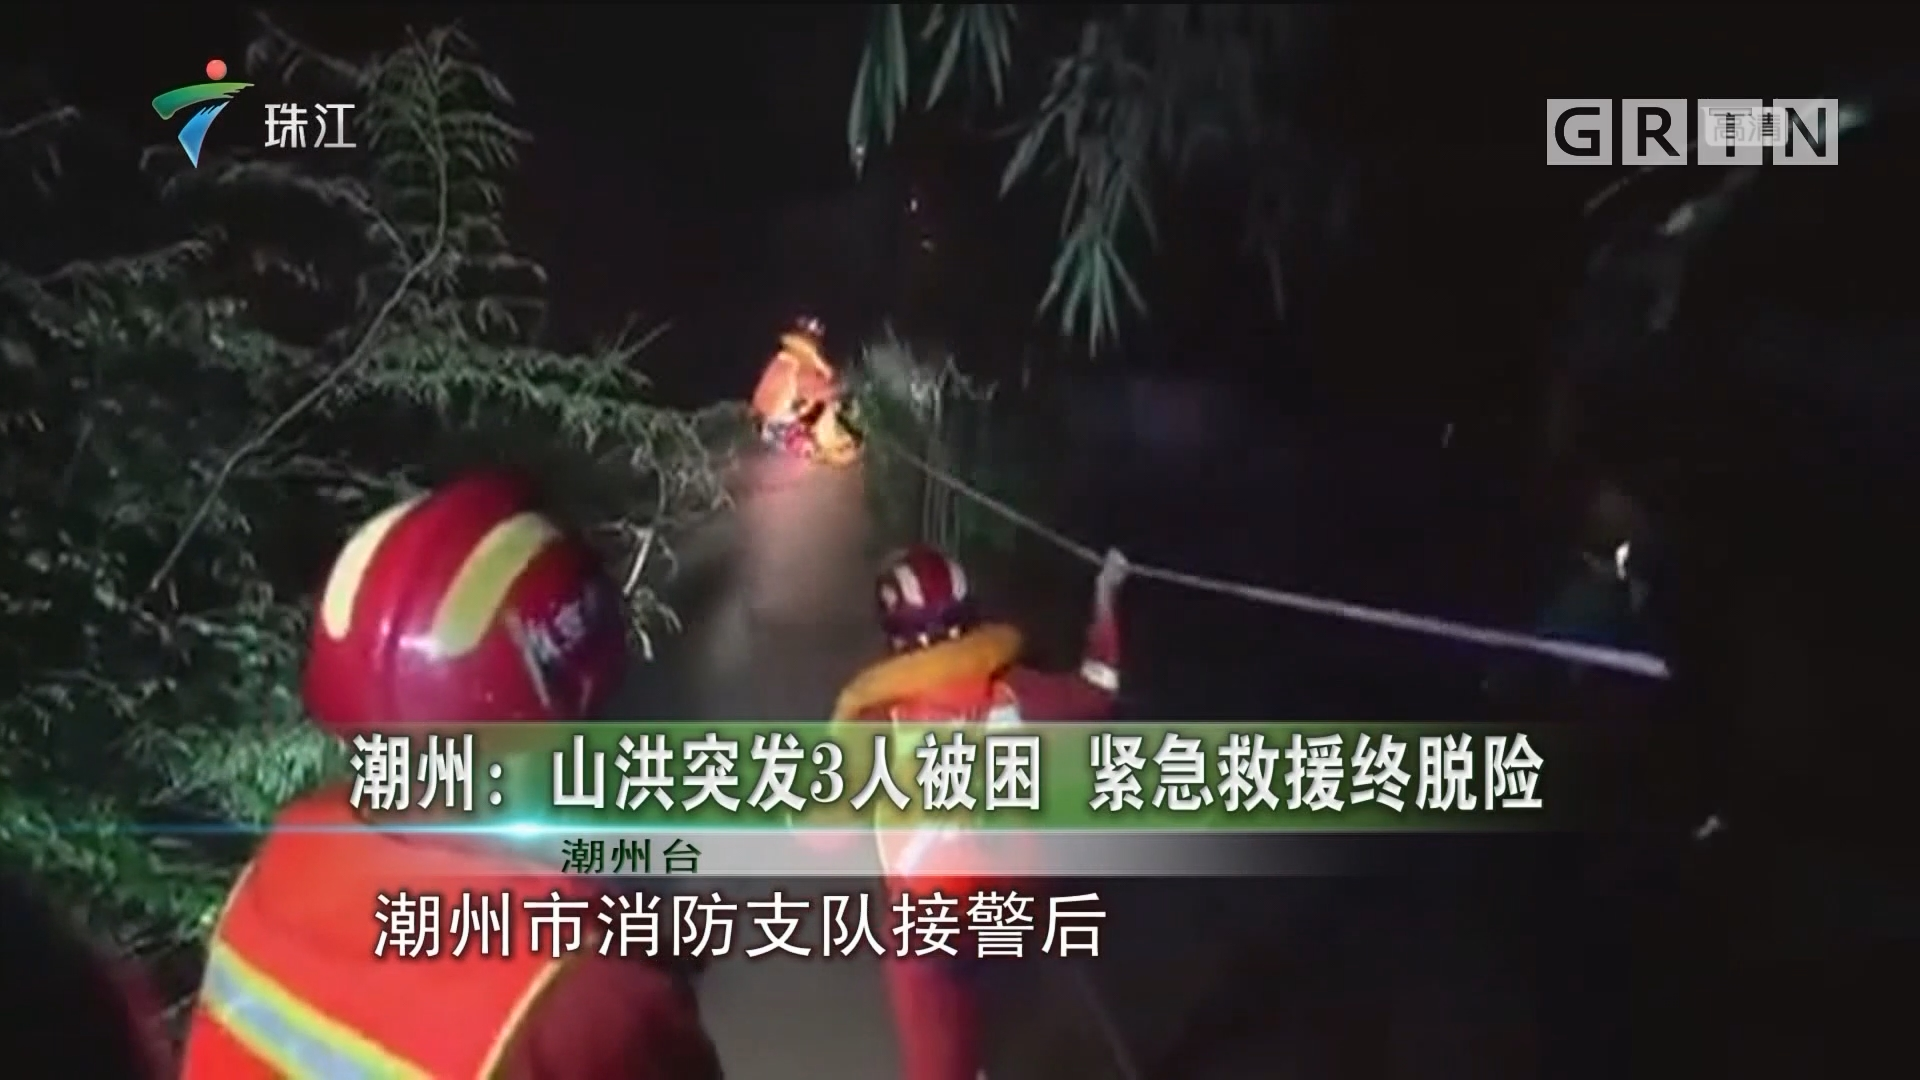 潮州:山洪突发3人被困 紧急救援终脱险